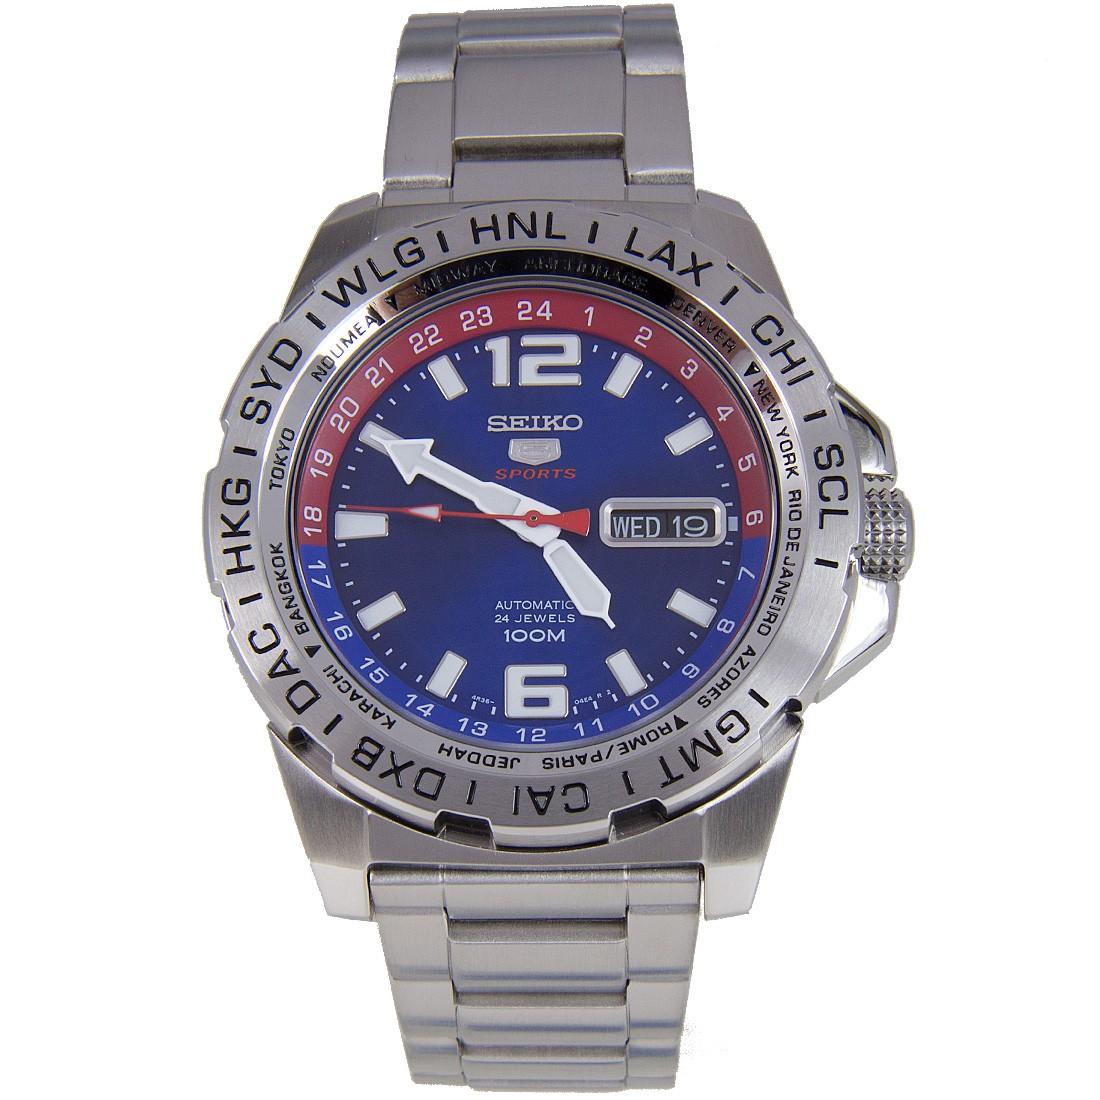 Seiko 5 Sports Automatic Watch SRP681K1